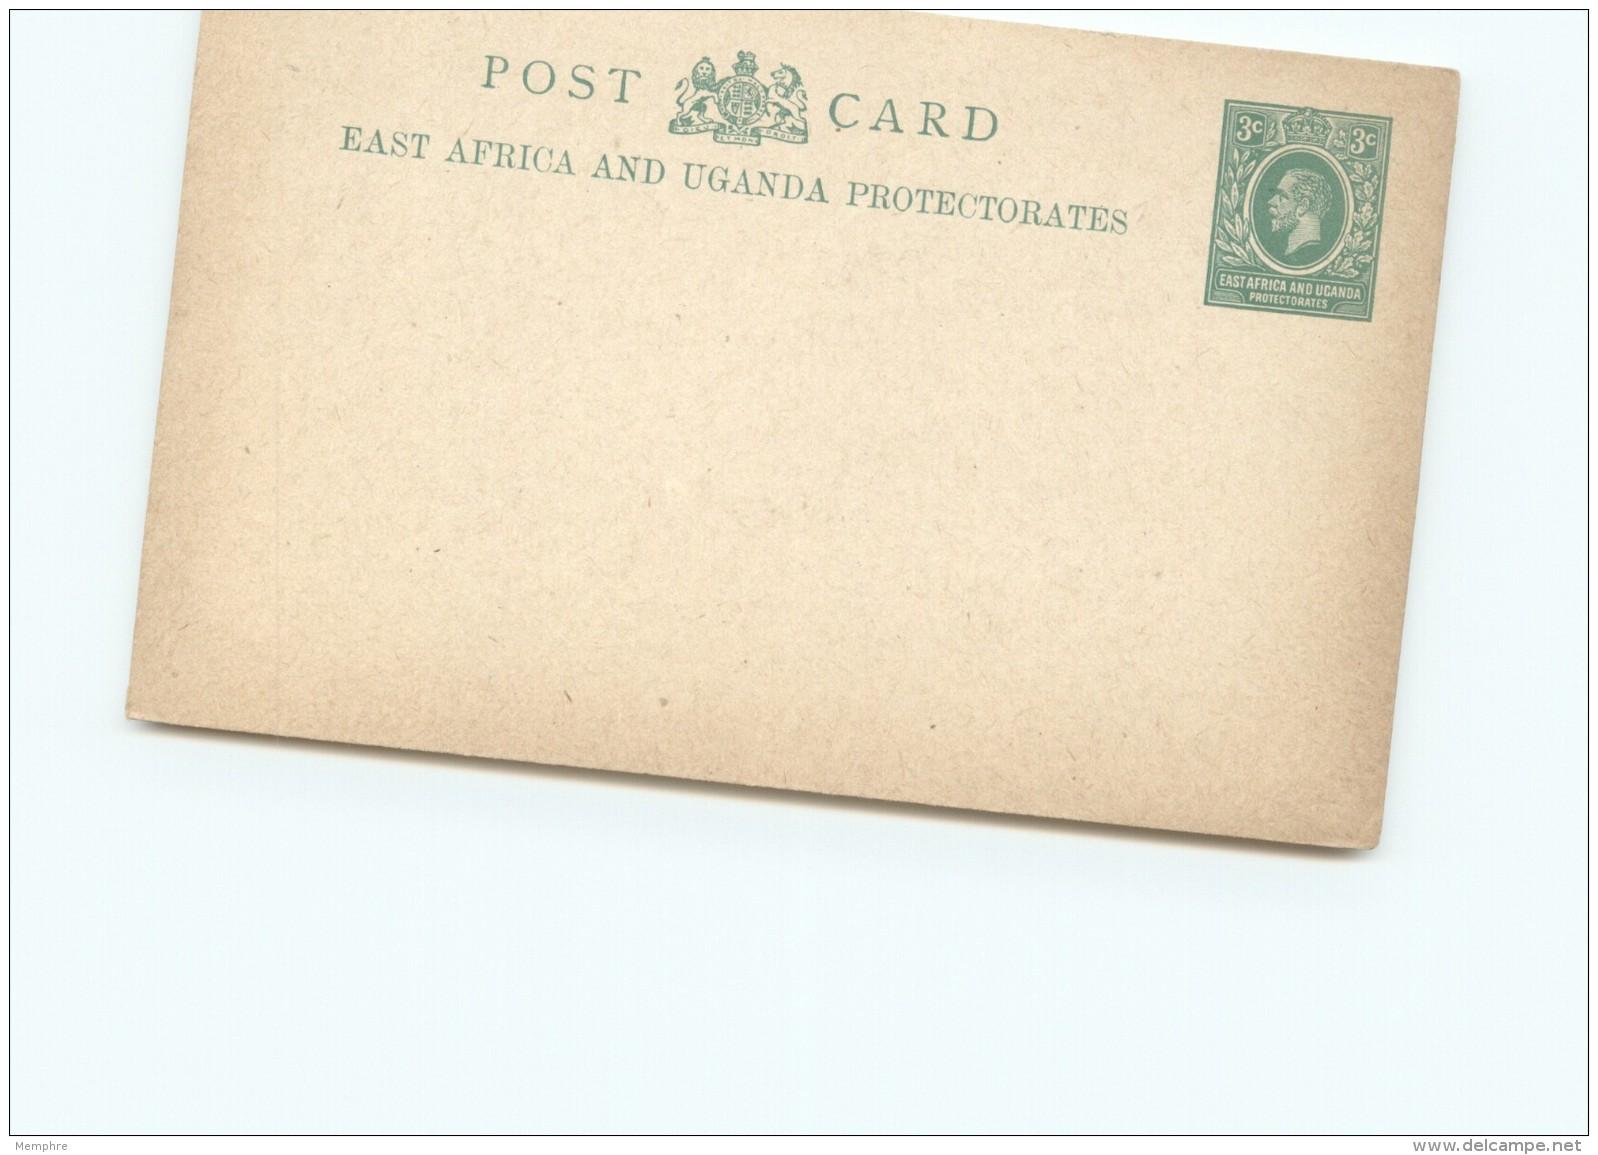 East  Africa And Uganda Protectorate   Edward VII  3c Post Card   - Unused - Protectorados De África Oriental Y Uganda